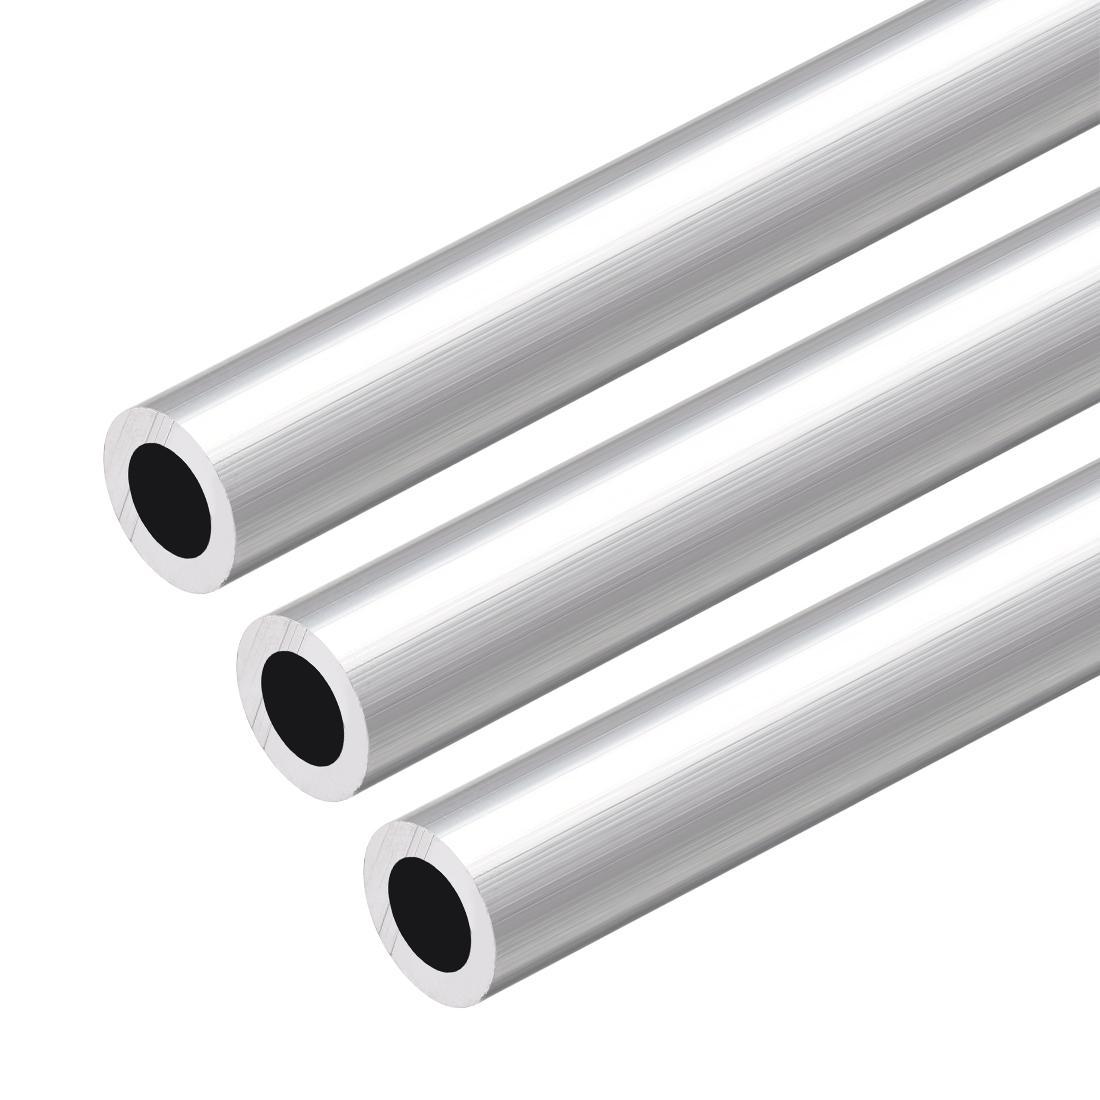 6063 Aluminum Round Tube 300mm Length 13mm OD 8mm Inner Dia Seamless Tubing 3pcs